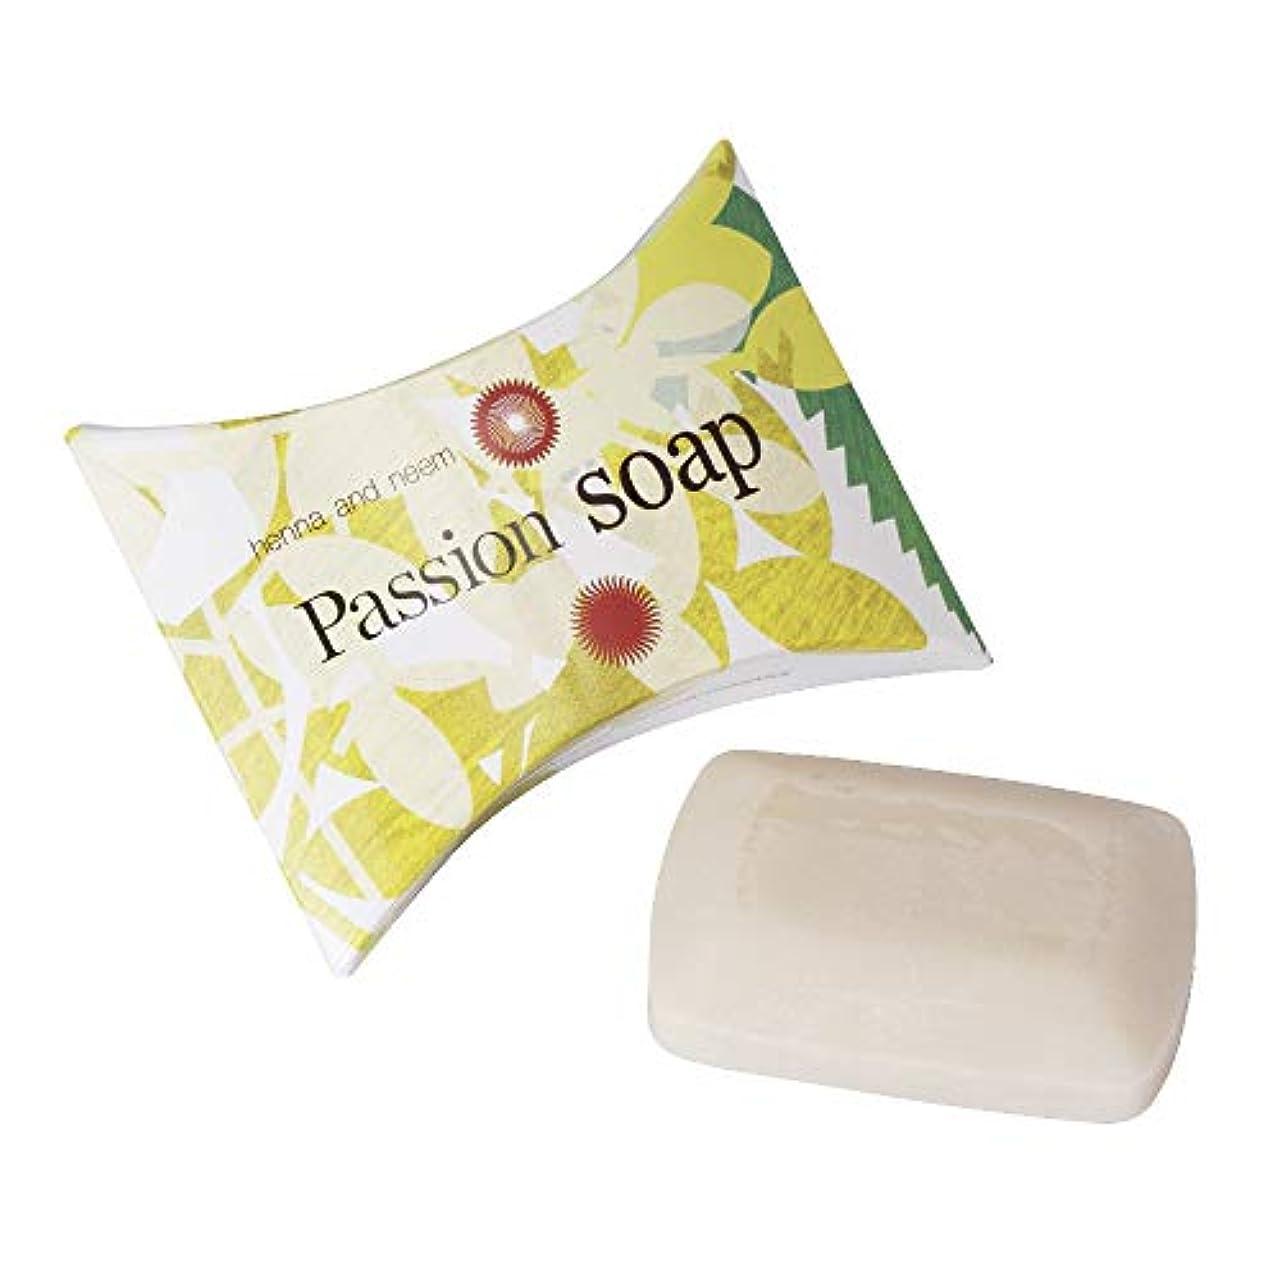 市長パット家主ヘナソープ PASSION SOAP 天然サポニンで洗う優しいハーブ石鹸